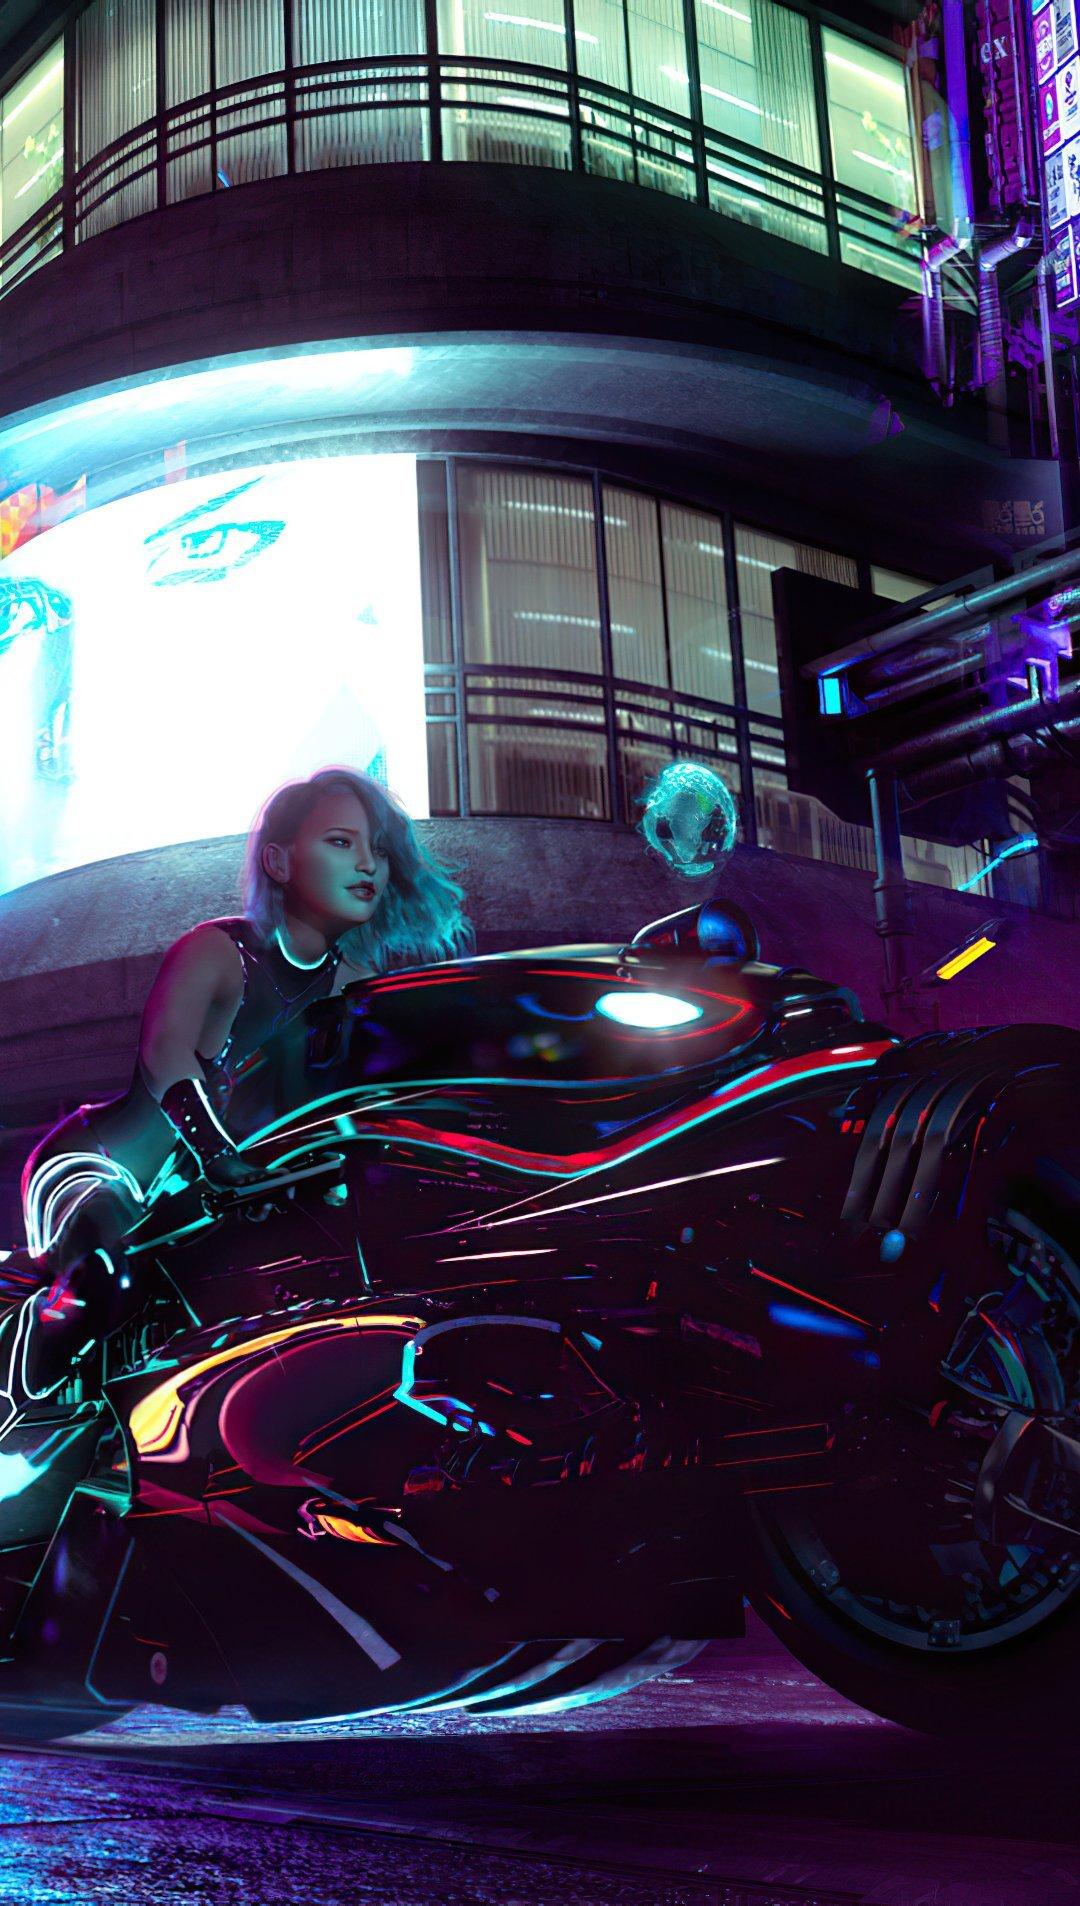 Fondos de pantalla Chica en moto estilo cyberpunk Vertical